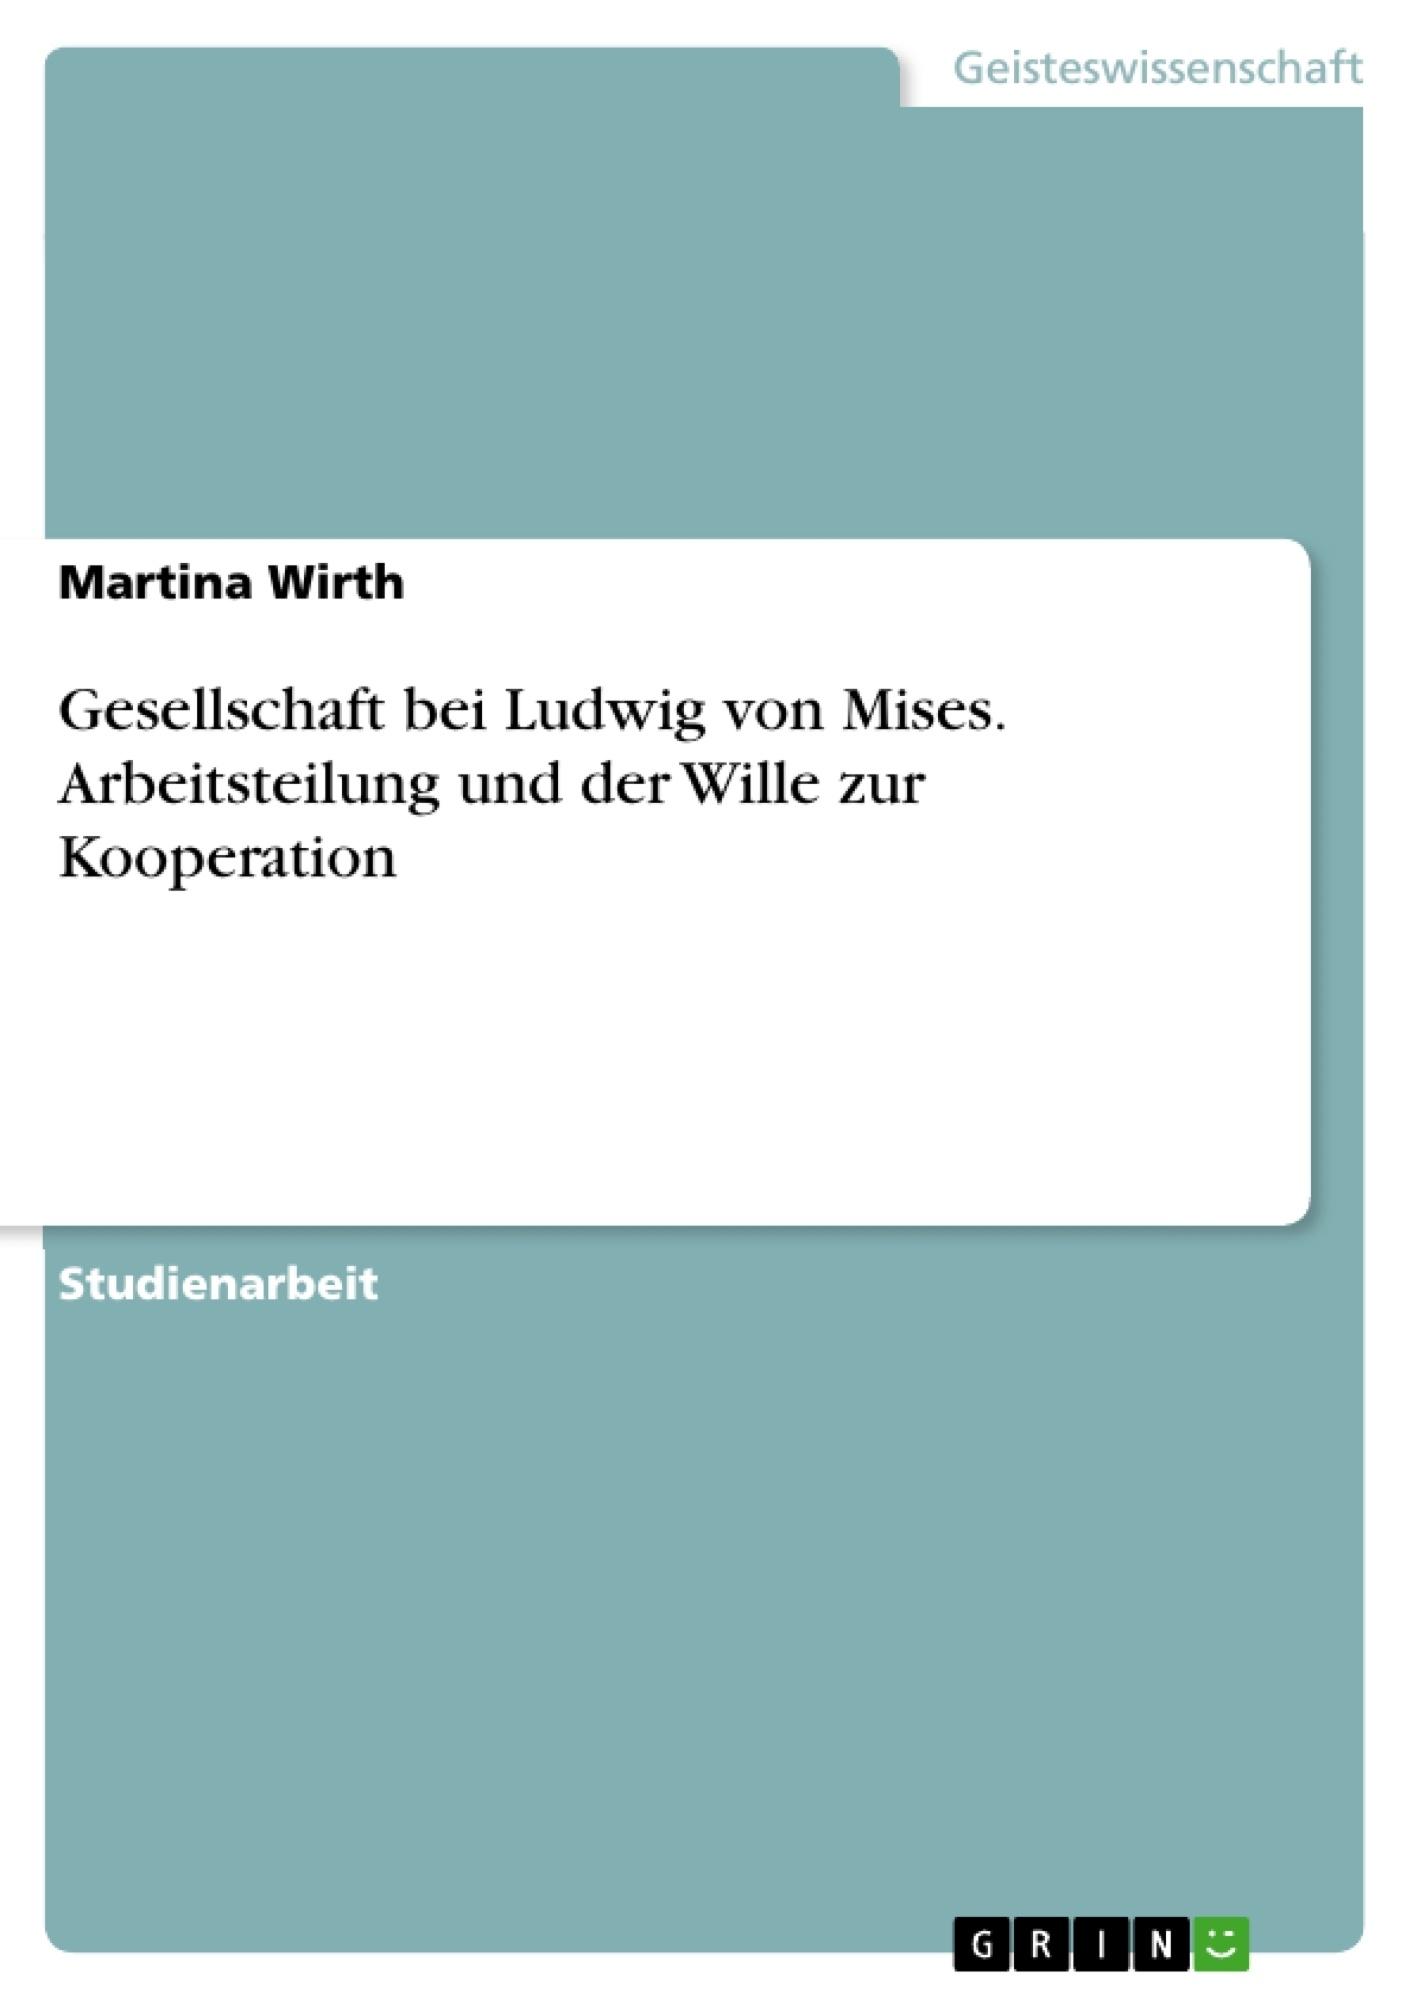 Titel: Gesellschaft bei Ludwig von Mises. Arbeitsteilung und der Wille zur Kooperation